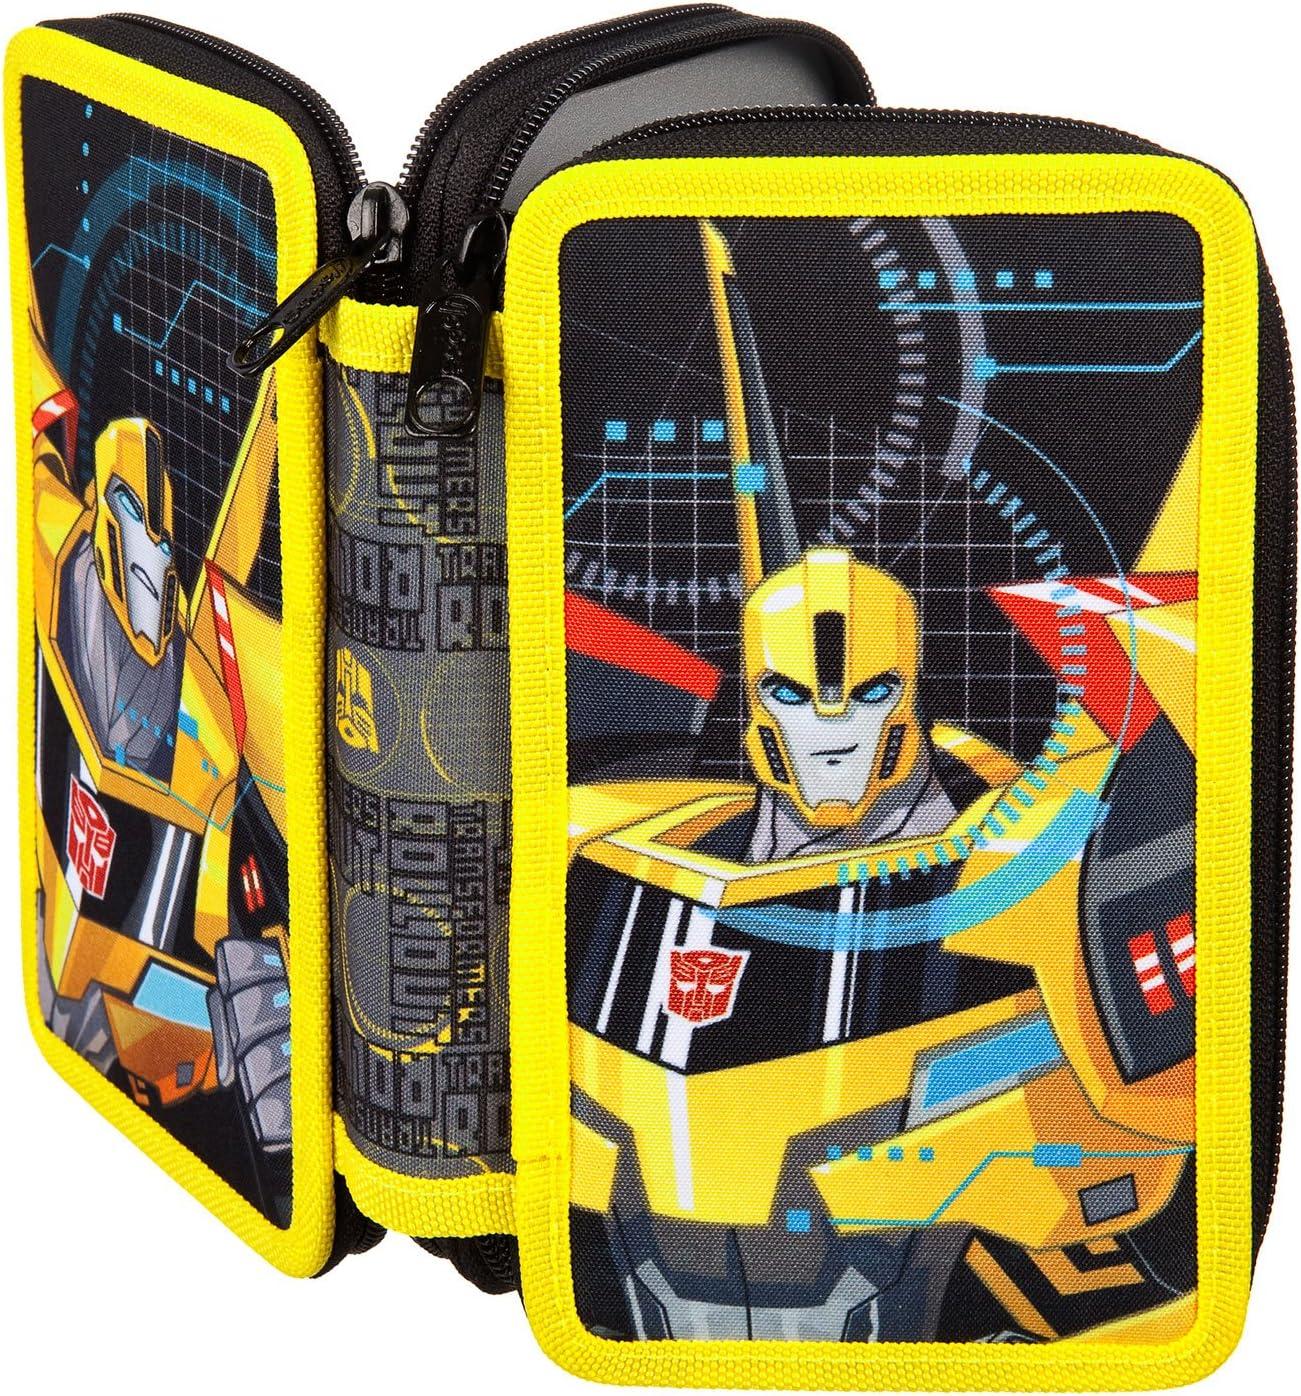 /Crayon Set Undercover tfuv0153/ Transformers